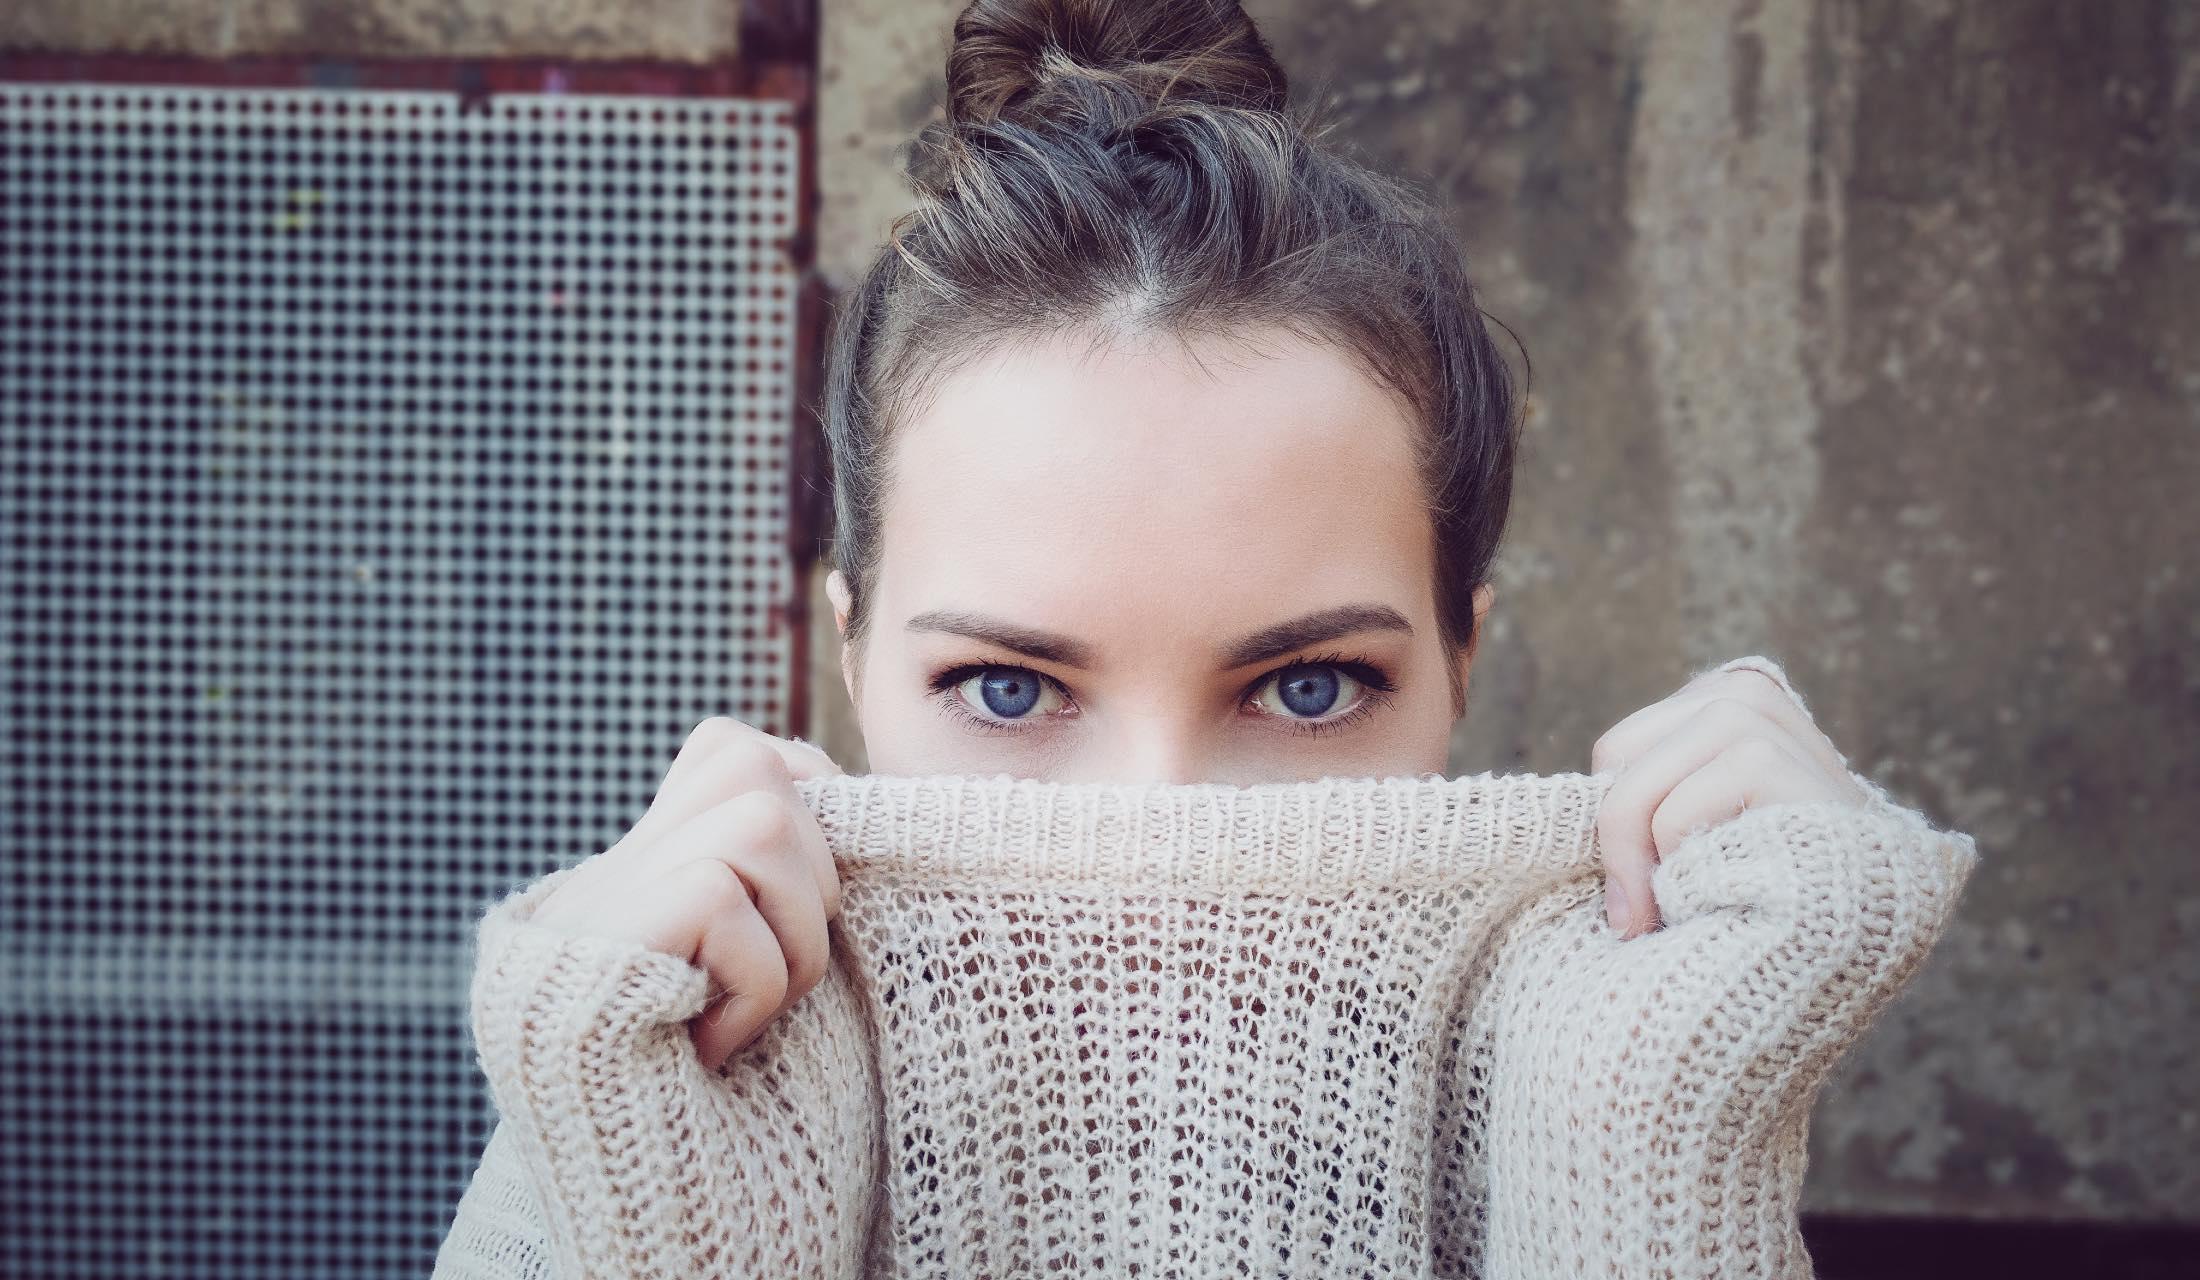 顔の下半分をニットで隠している女性